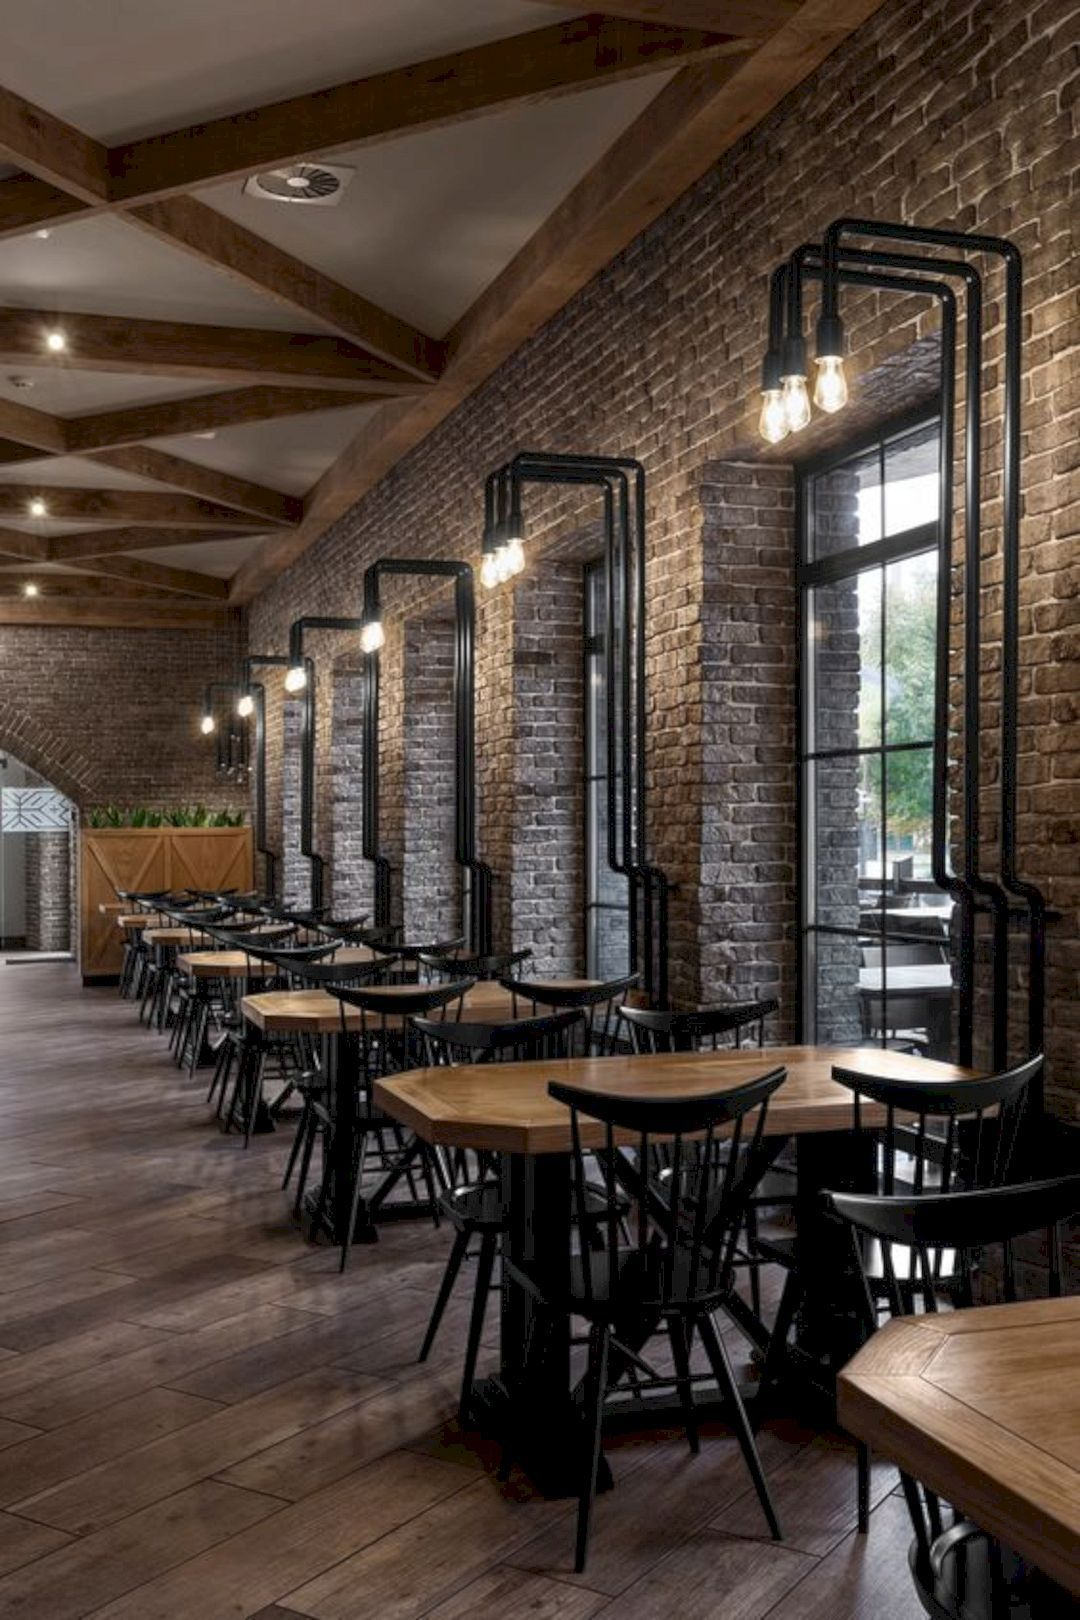 15 Amazing Bar Interior Design Ideas Bar Interior Design